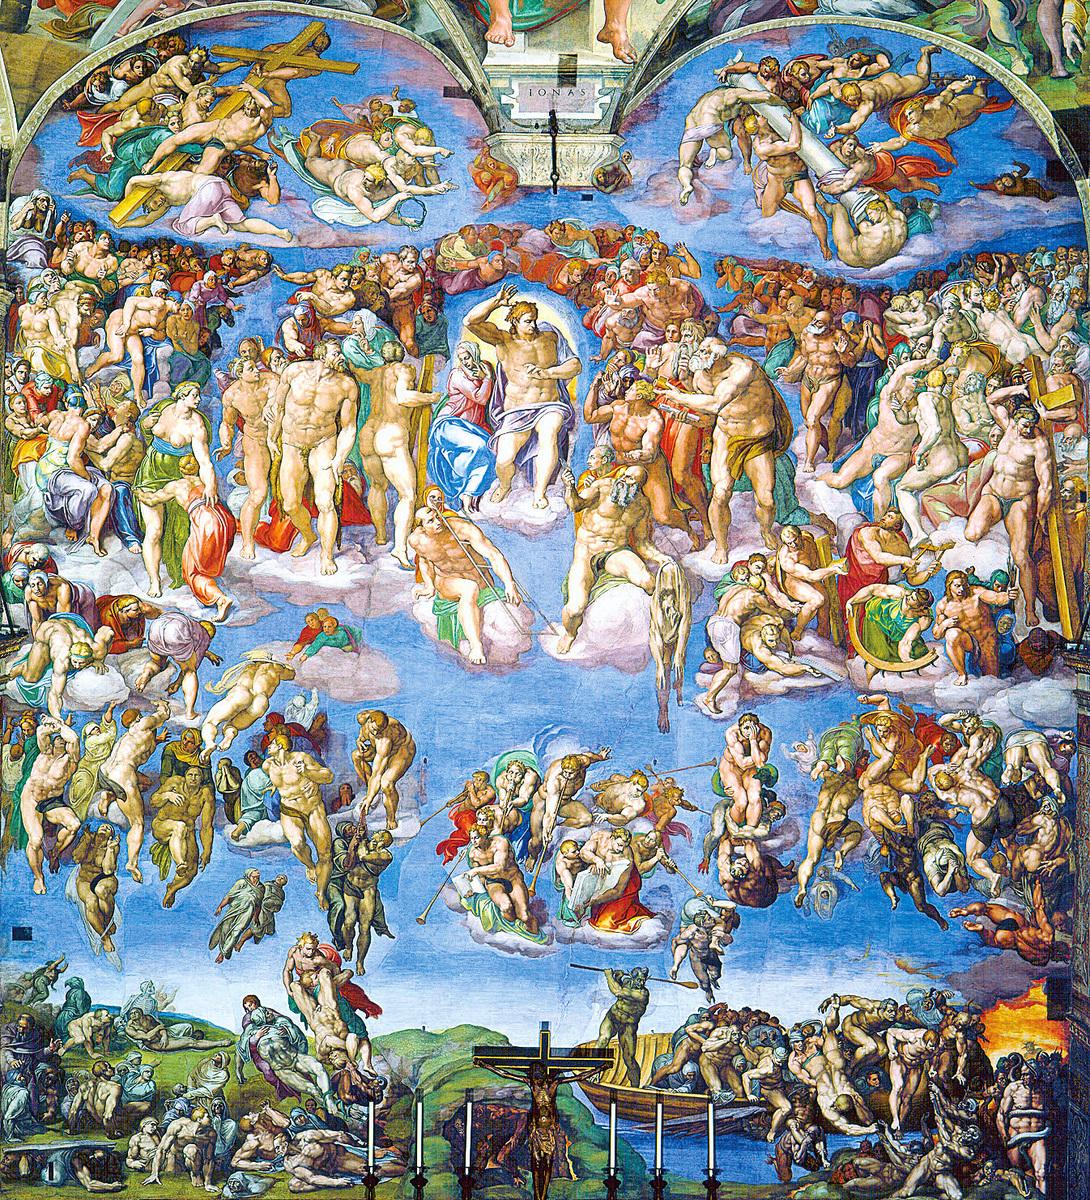 米高安哲羅於公元1534年至公元1541年,為西斯汀禮拜堂繪製的巨幅作品《最後的審判》。